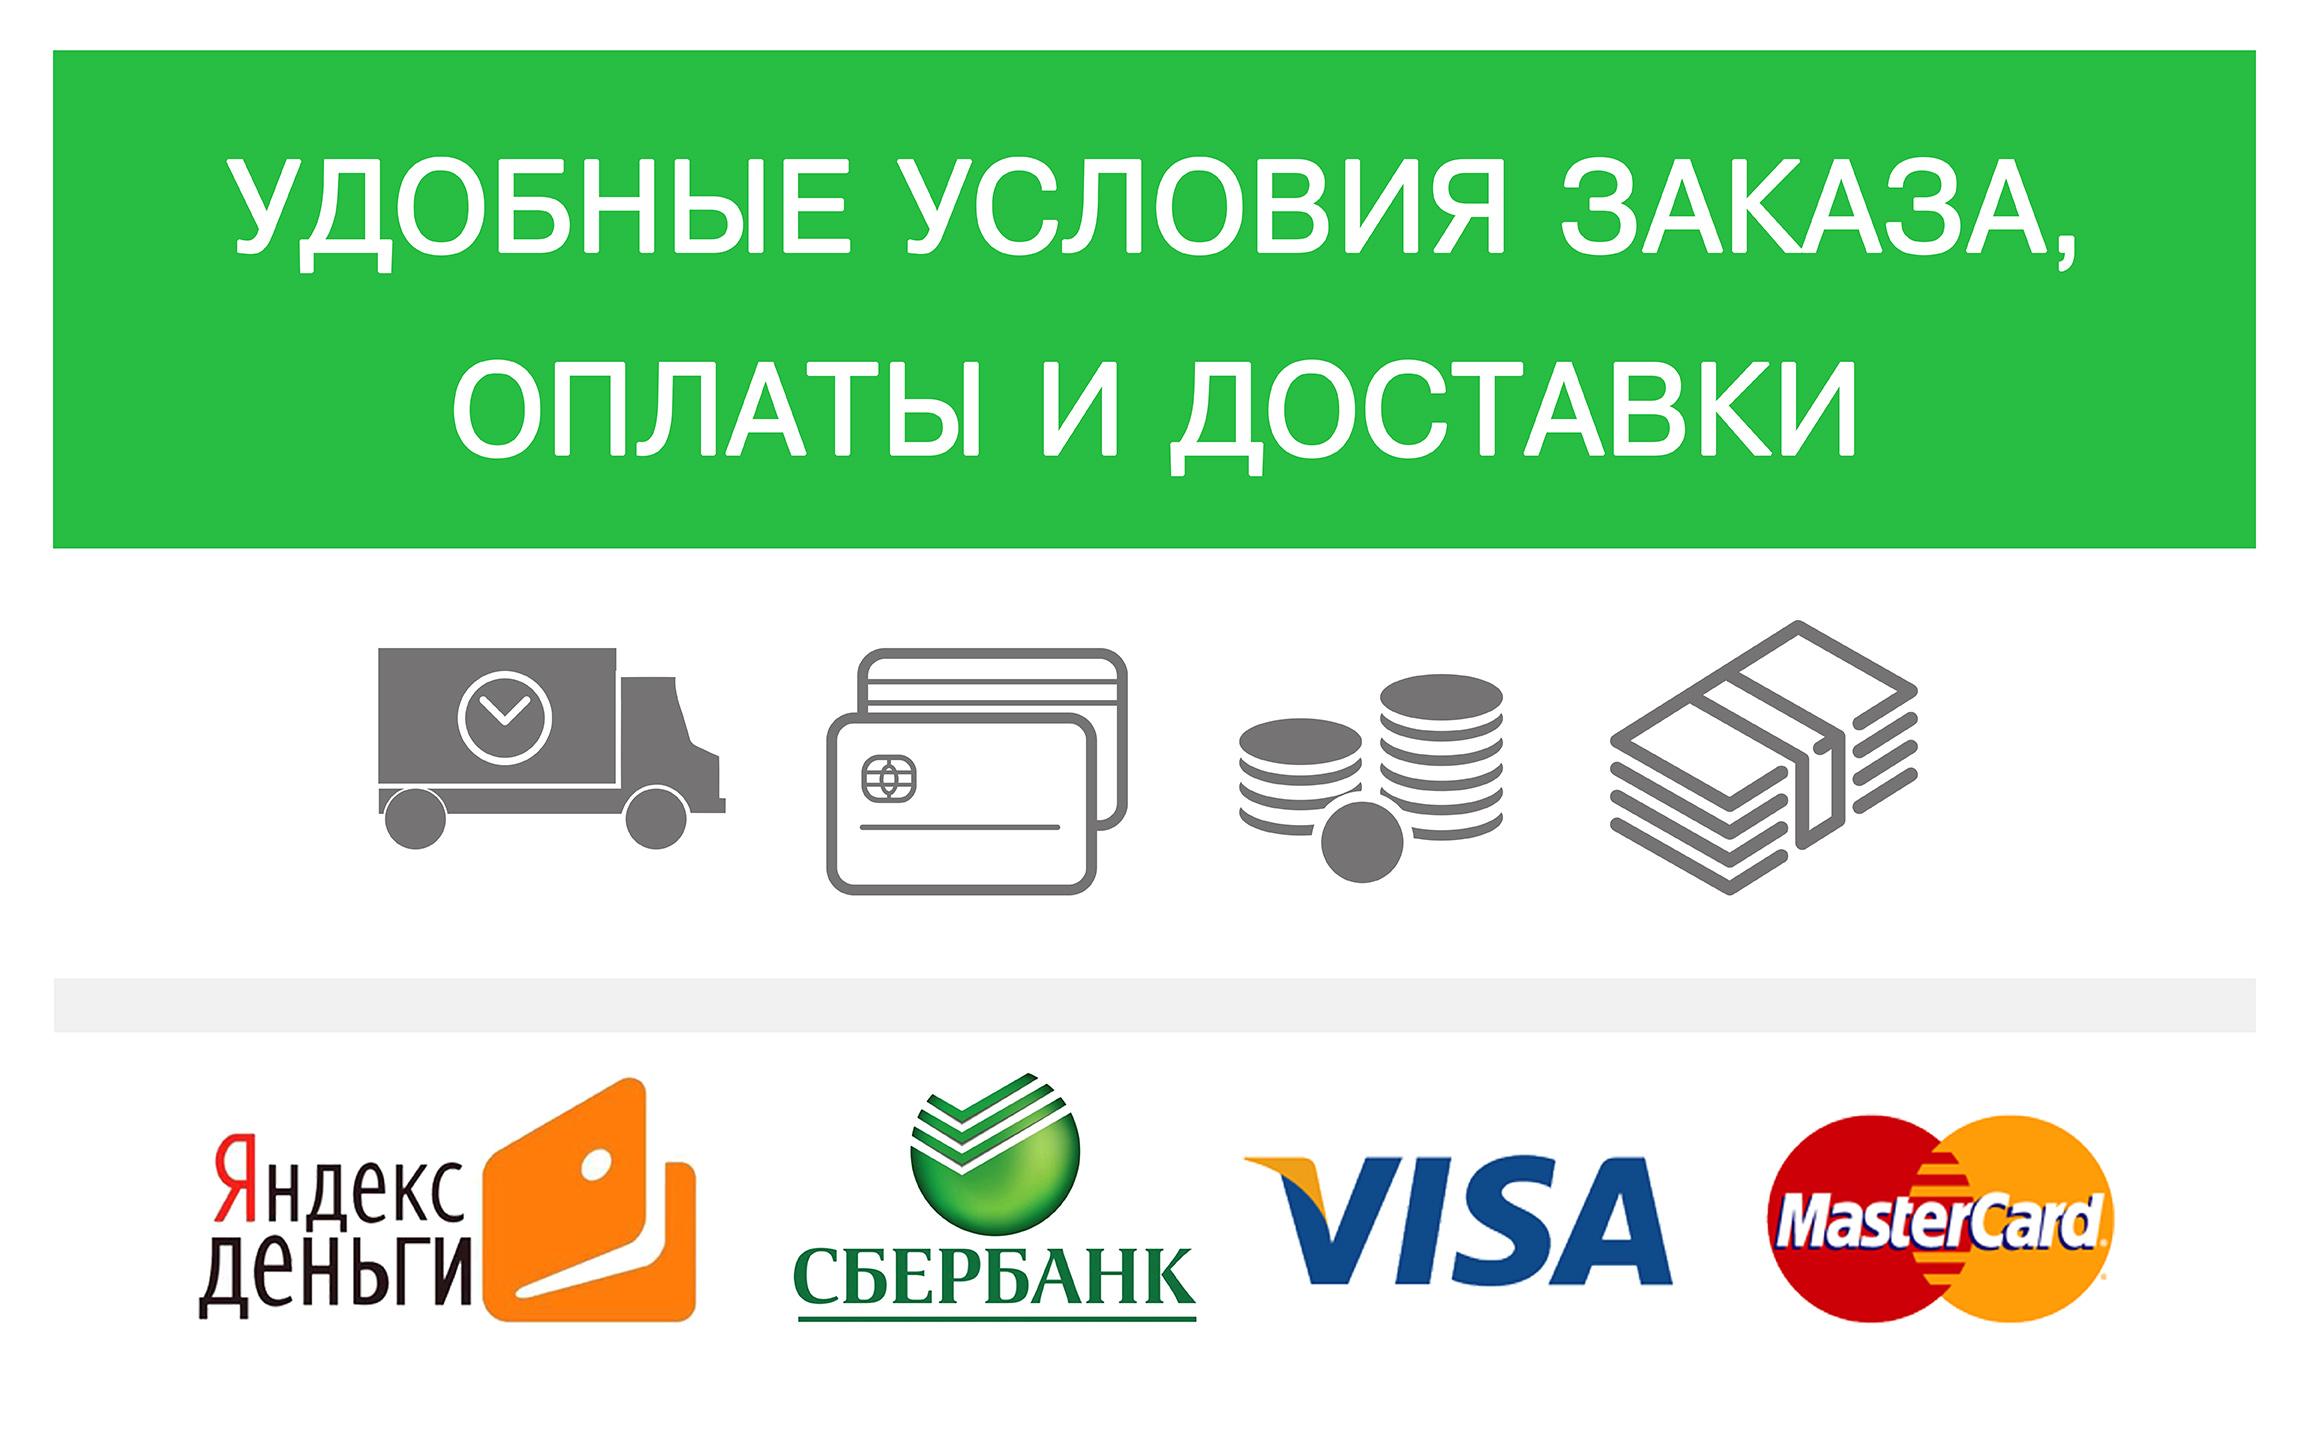 Доставка и оплата заказов в интернет-магазине